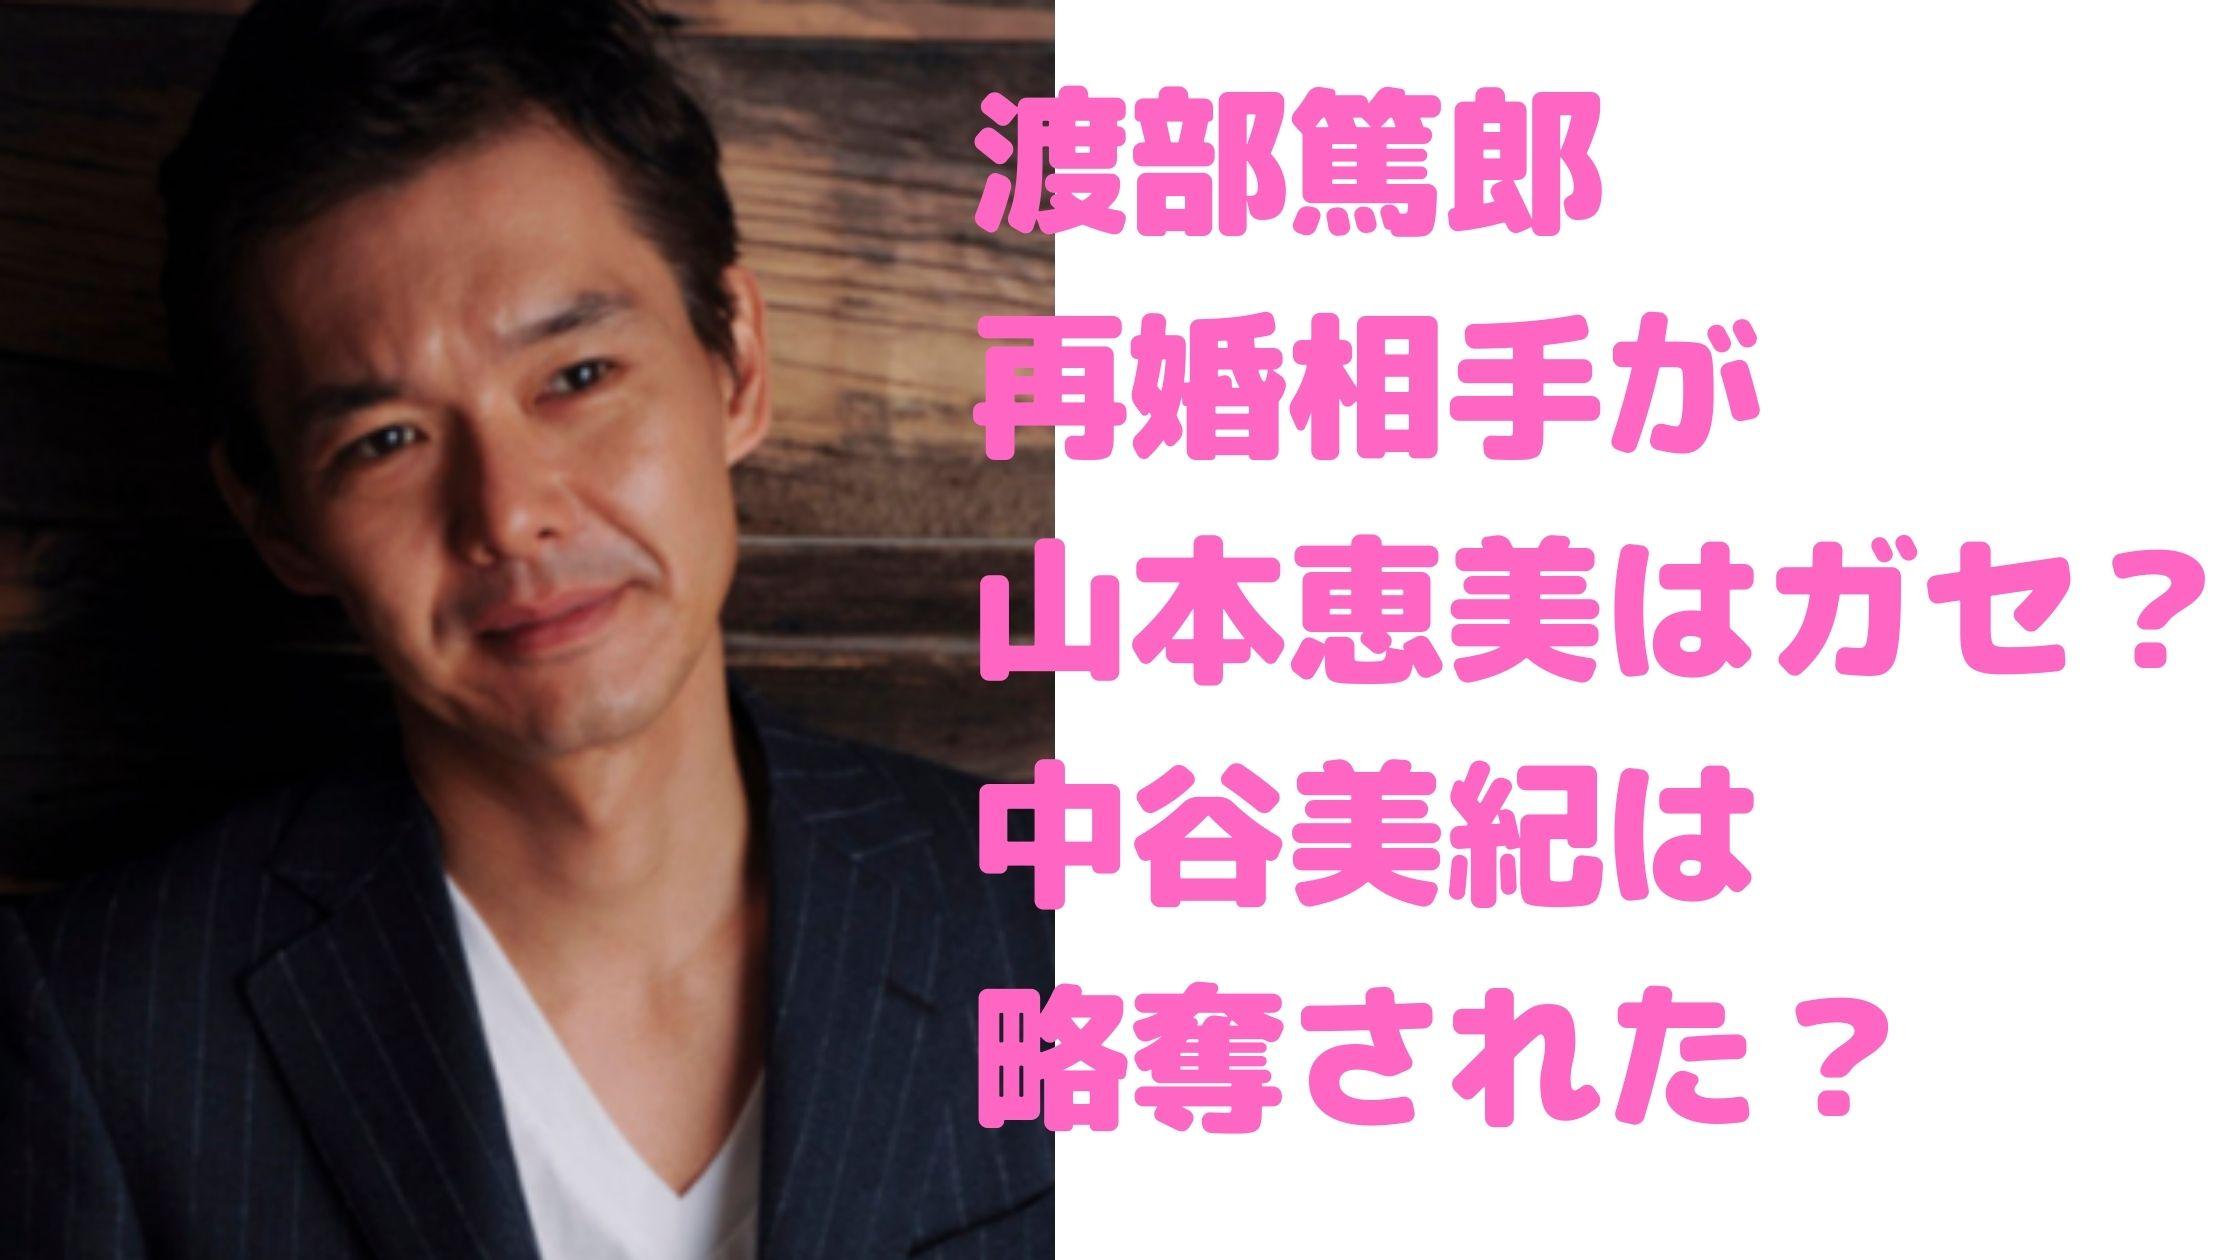 渡部篤郎 嫁 再婚相手 山本恵美 馴れ初め RIKACO 離婚理由 中谷美紀 破局理由